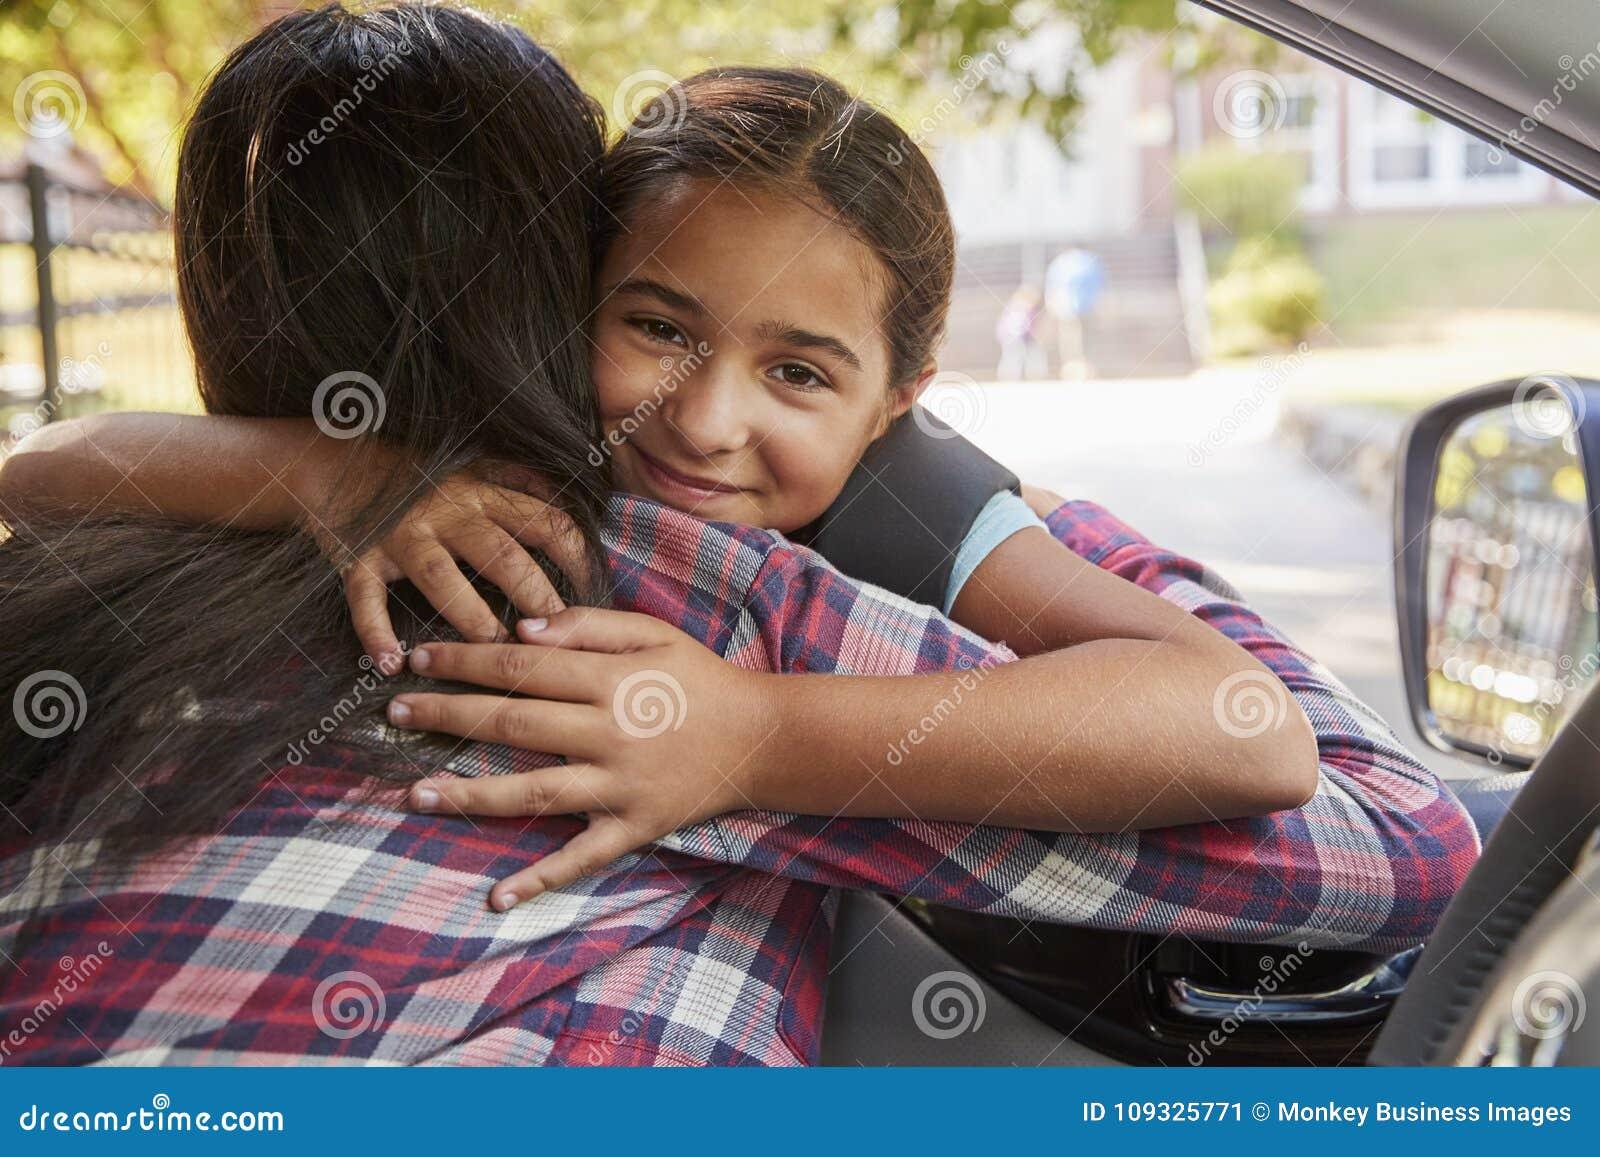 Μητέρα στο αυτοκίνητο που ρίχνει μακριά την κόρη μπροστά από το σχολείο Γκέιτς